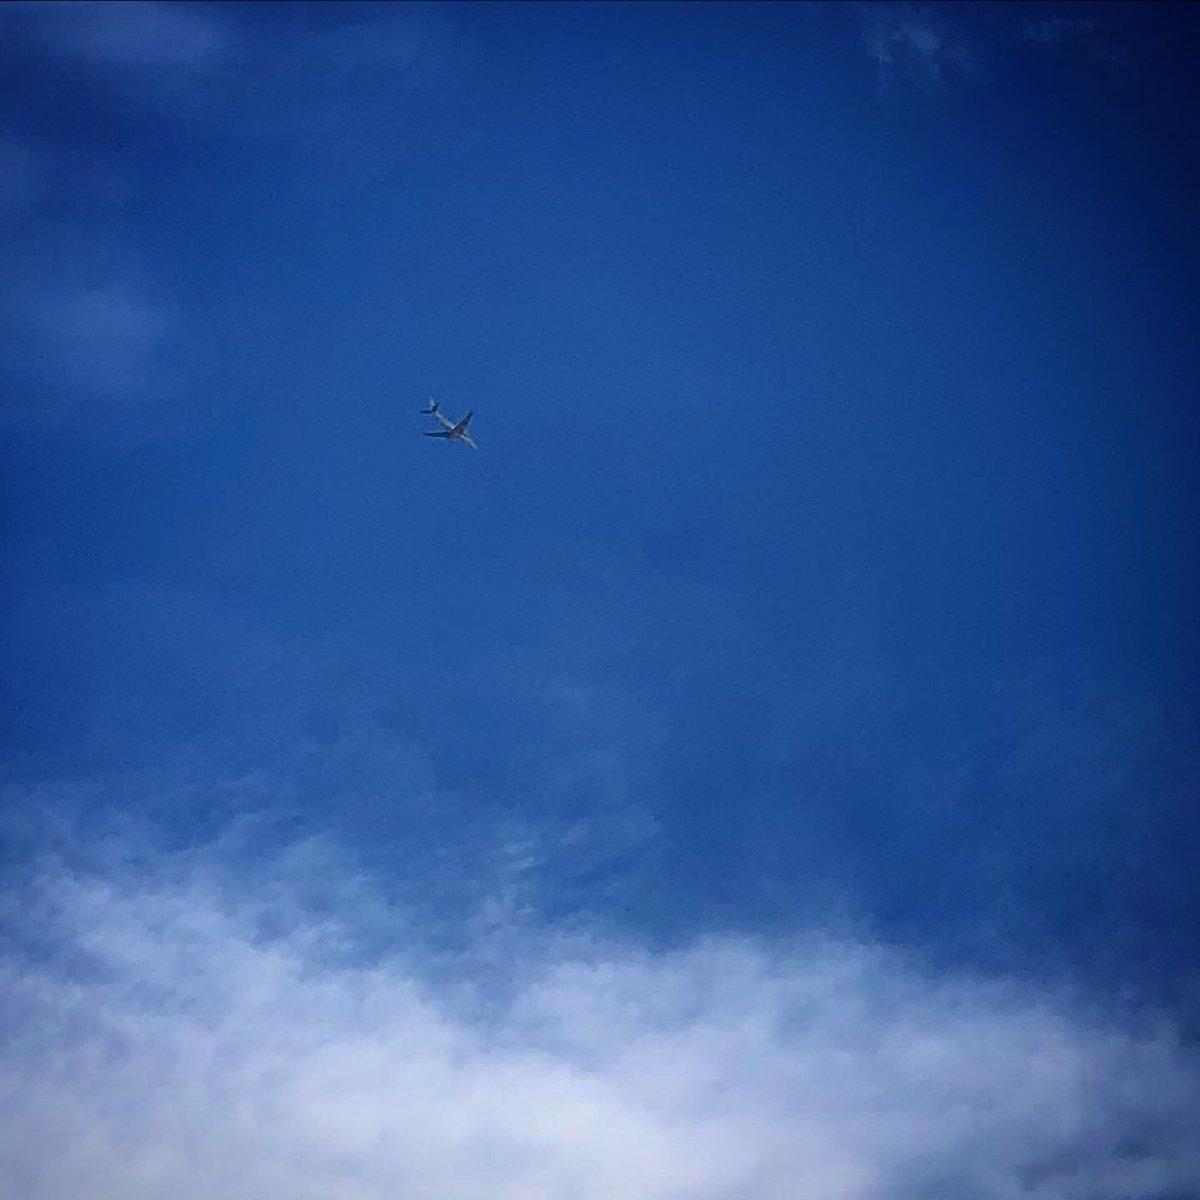 test ツイッターメディア - 終わるのを待っている間、空を見上げると #彩雲 が🌈 早く元の生活に戻って、当たり前の様に旅行でも行きたいですね✈️ 今日も暑くなりそうですが、今日も元気に参りましょ〜( ´ ▽ ` ;)ノ #イマソラ #いまそら #金沢 #KANAZAWA https://t.co/YaL4oOoZRh